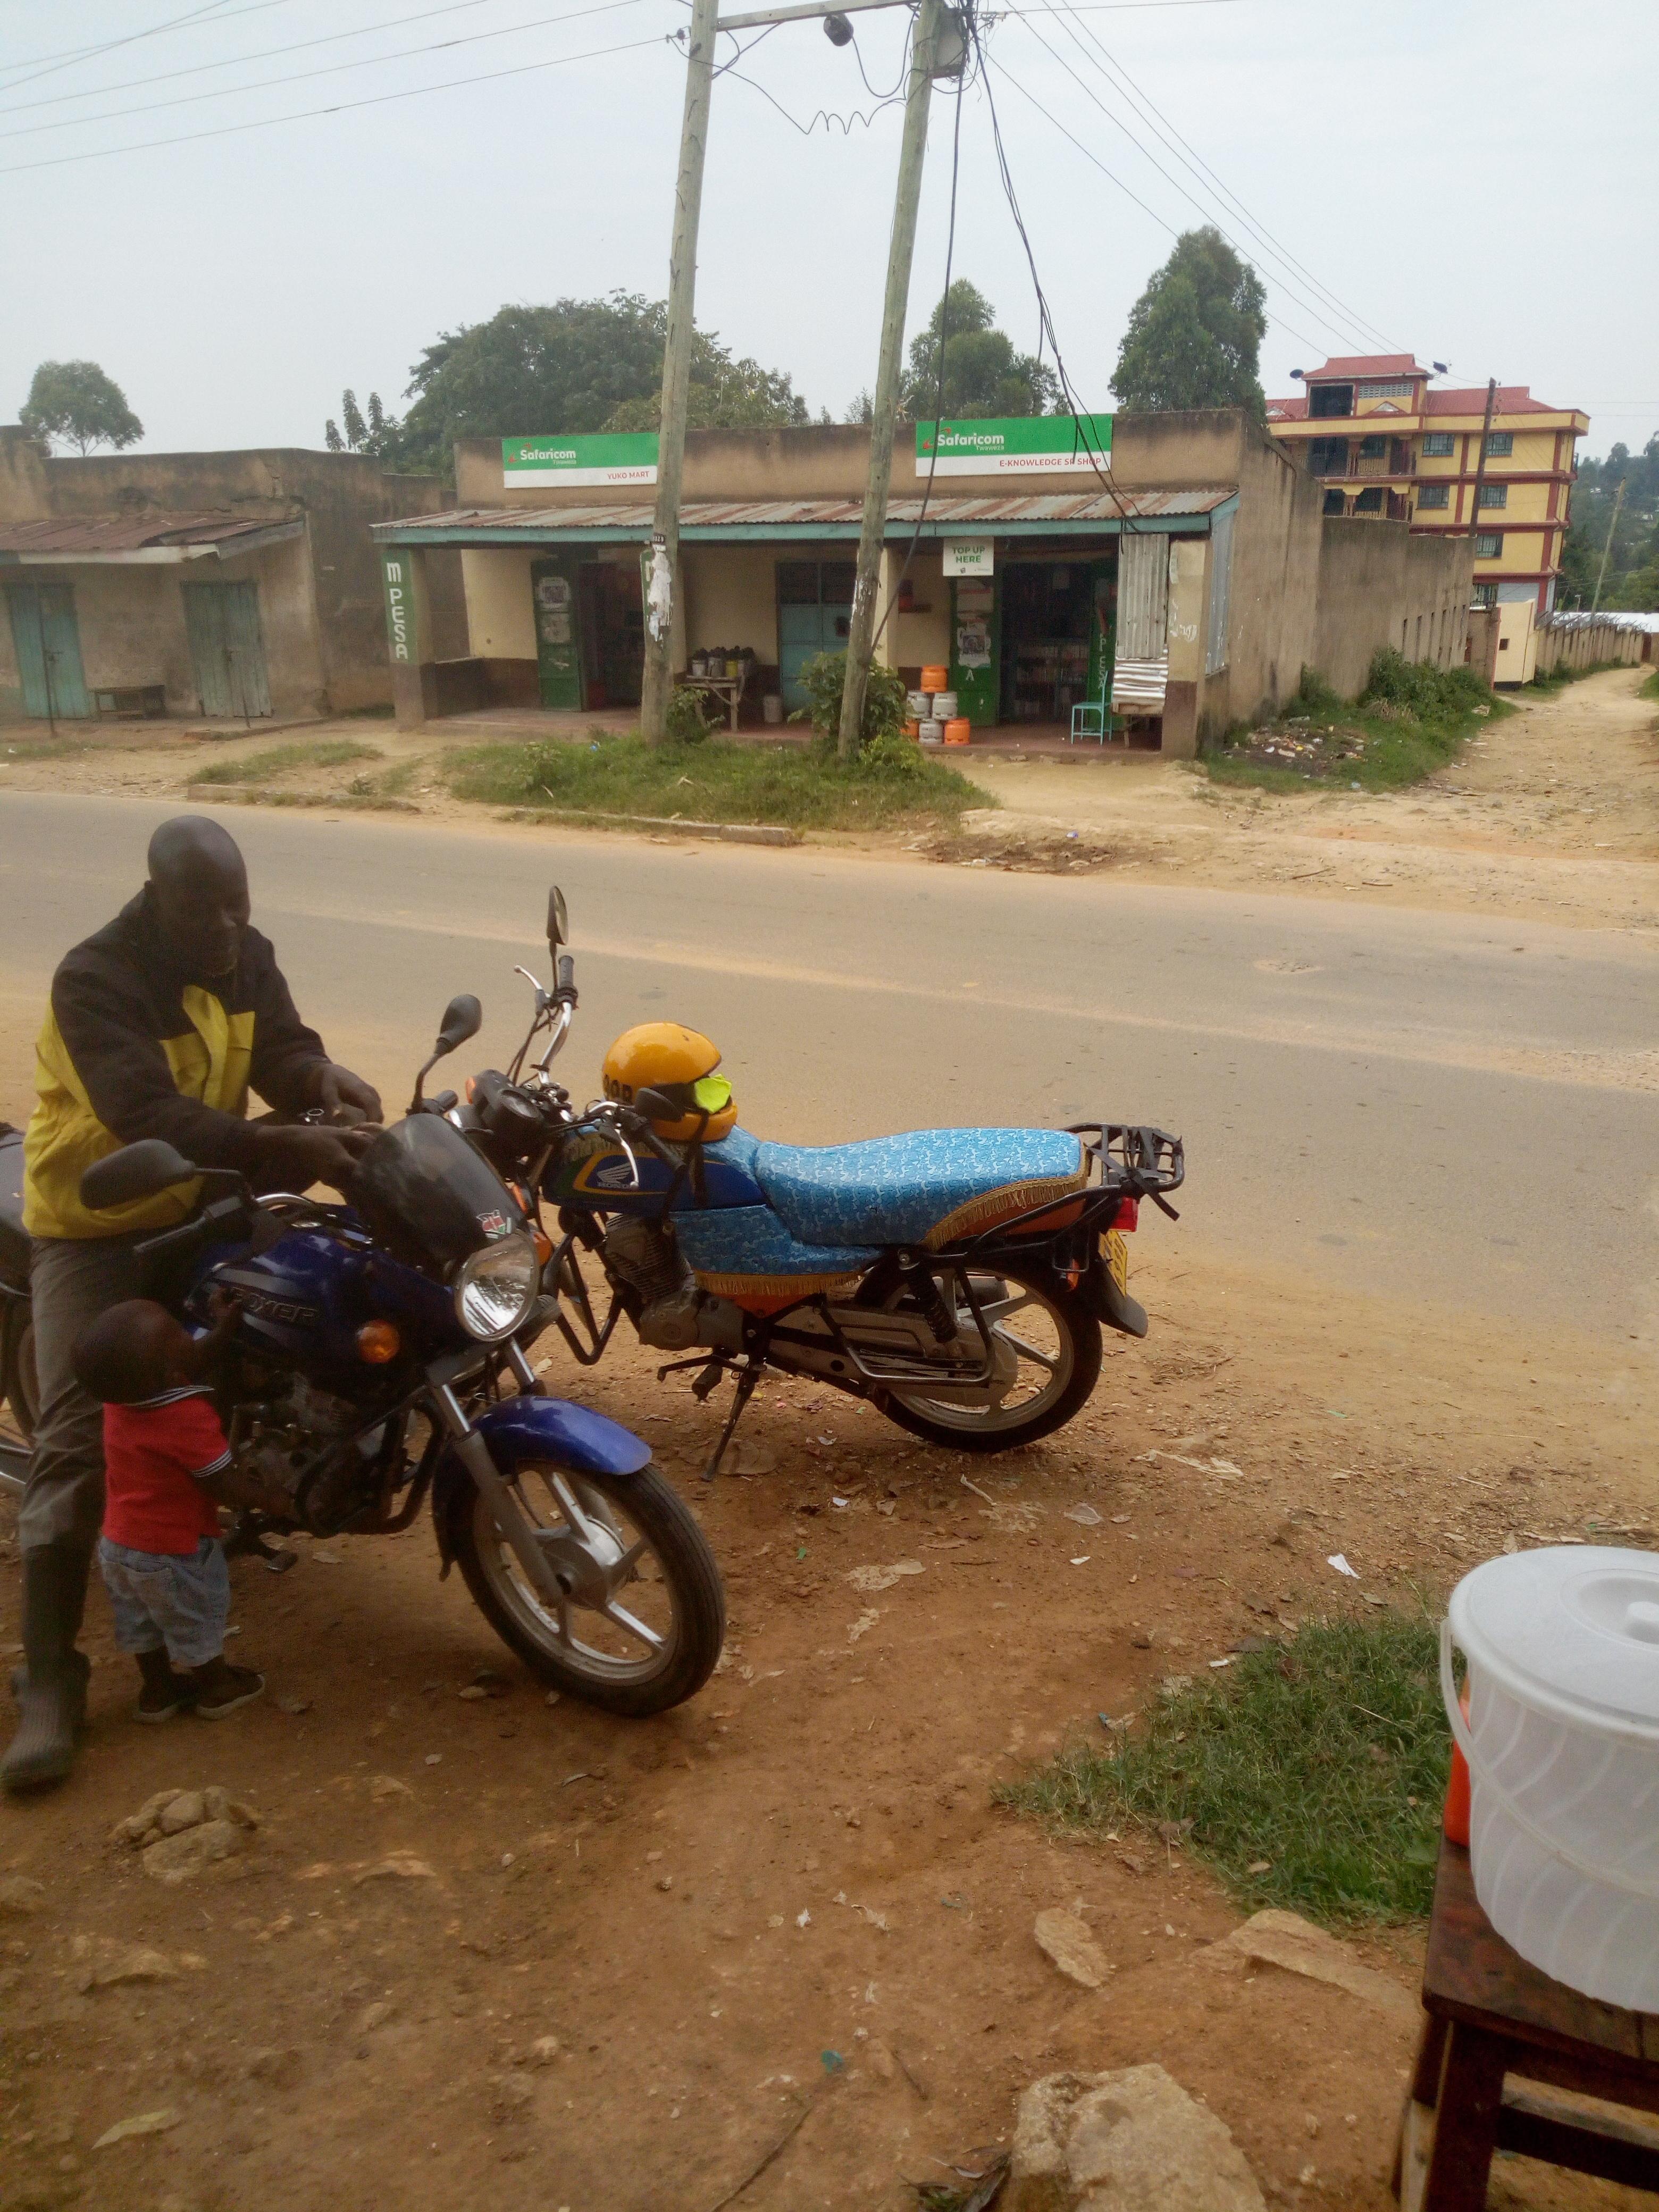 Ride image by Nobert nganga